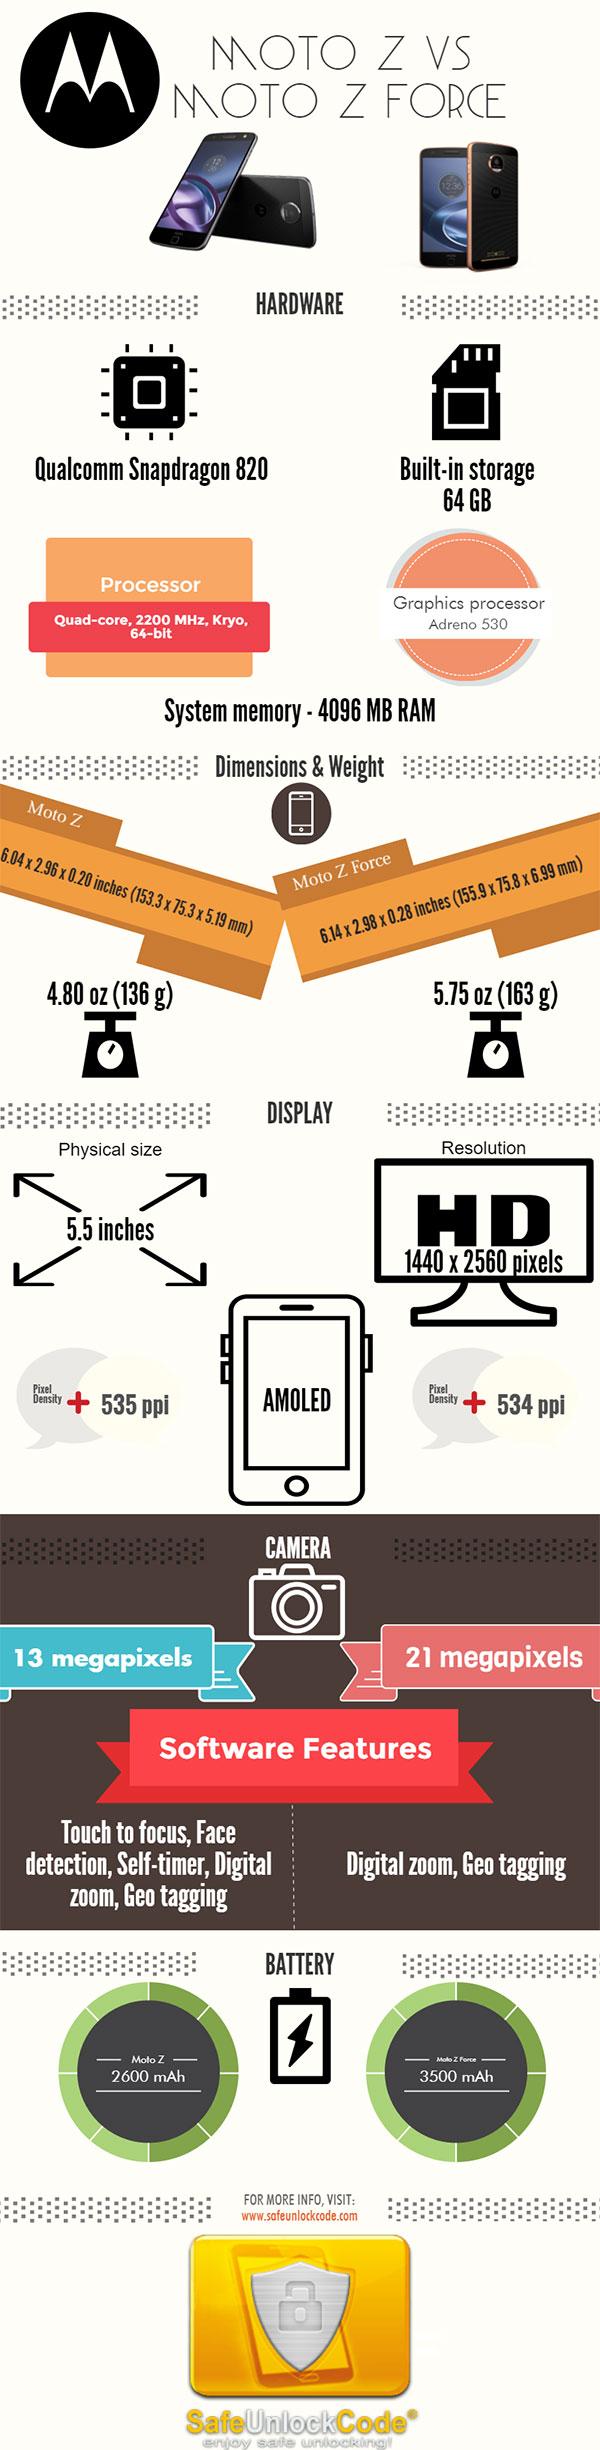 Motorola Moto Z vs Motorola Moto Z Force - Inforgraphic